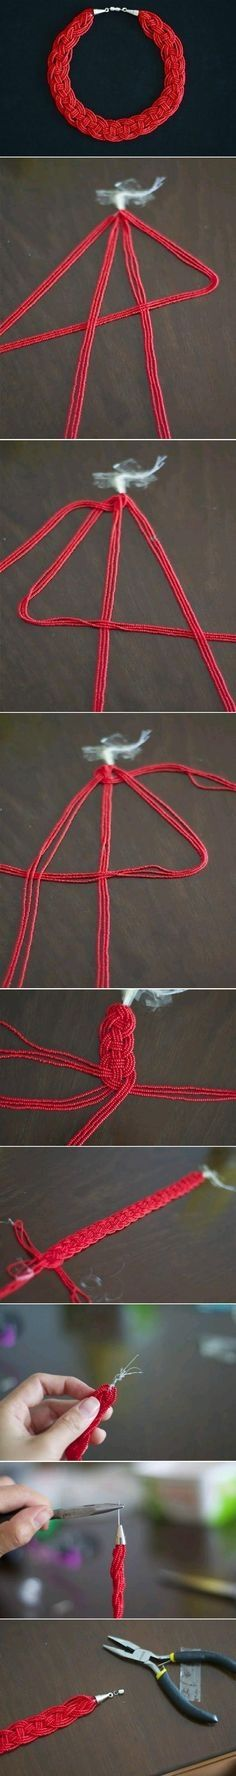 DIY Pretty Necklace diy crafts craft ideas easy crafts diy ideas crafty easy diy diy jewelry craft necklace diy necklace jewelry diy